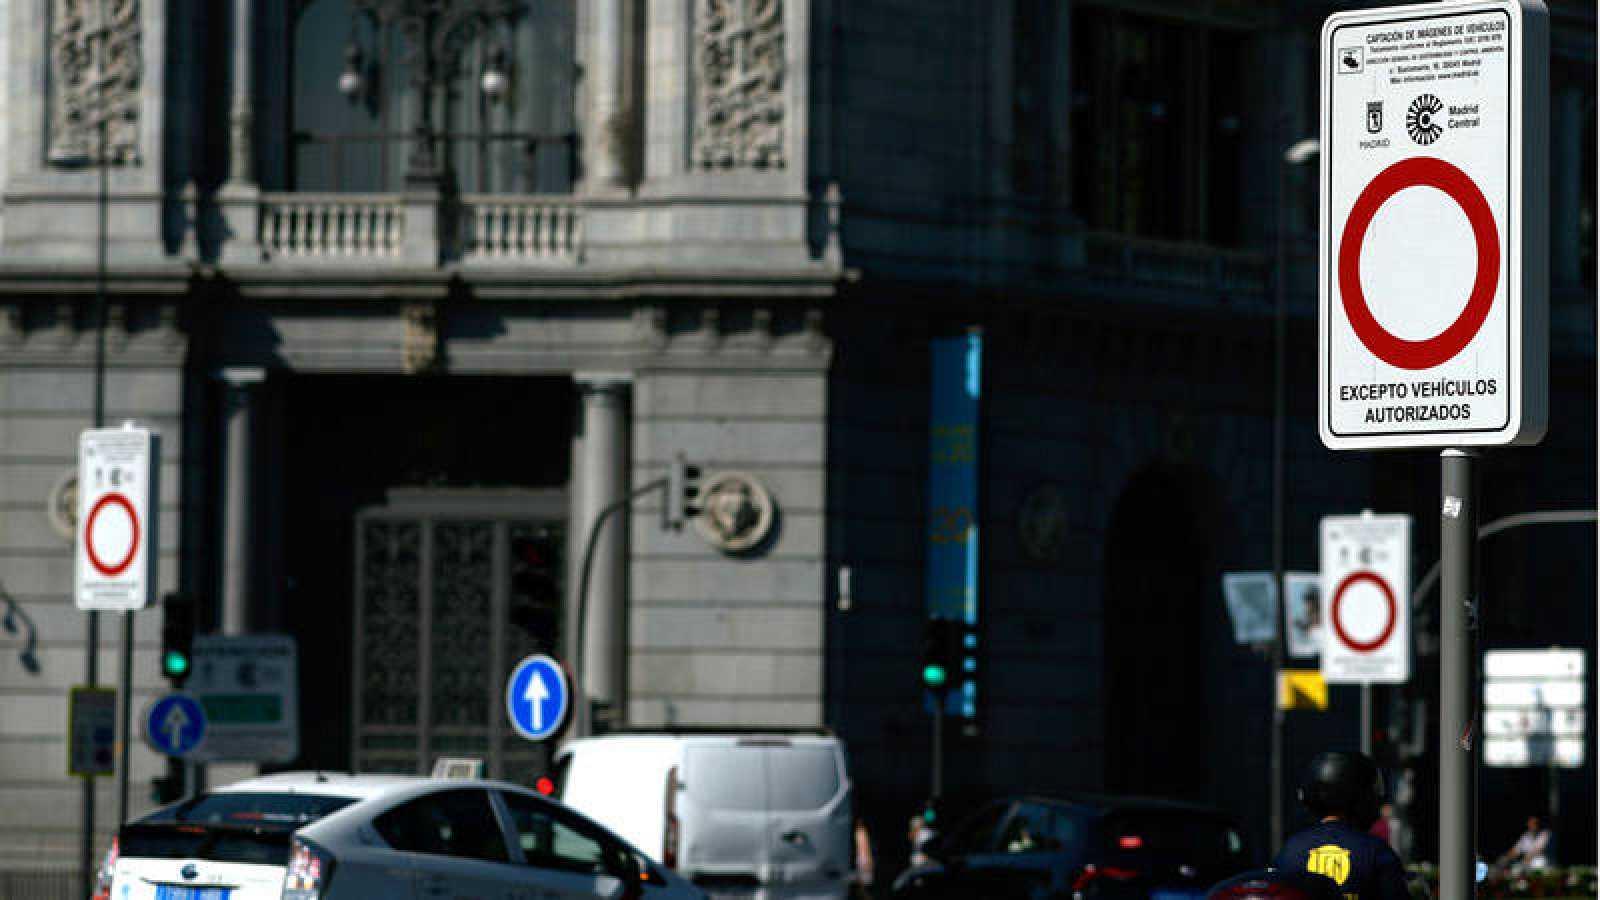 Señales que avisan de las restricciones en Madrid Central